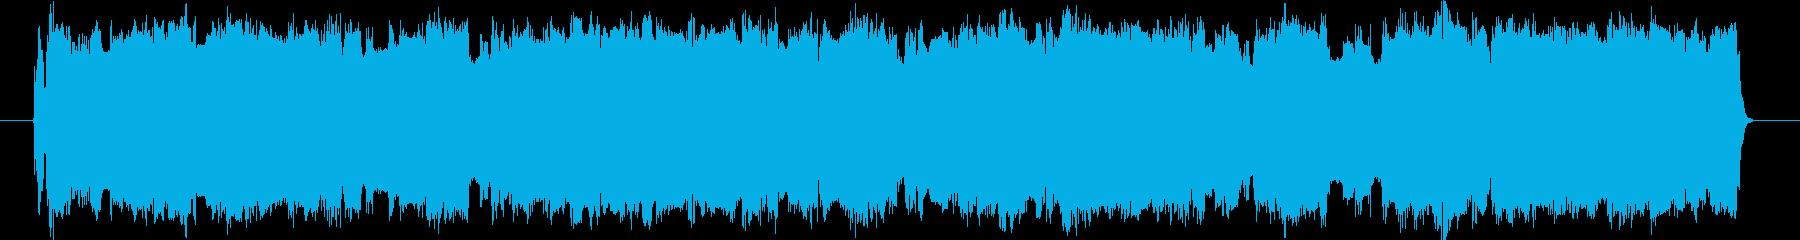 ギターフレーズ004の再生済みの波形